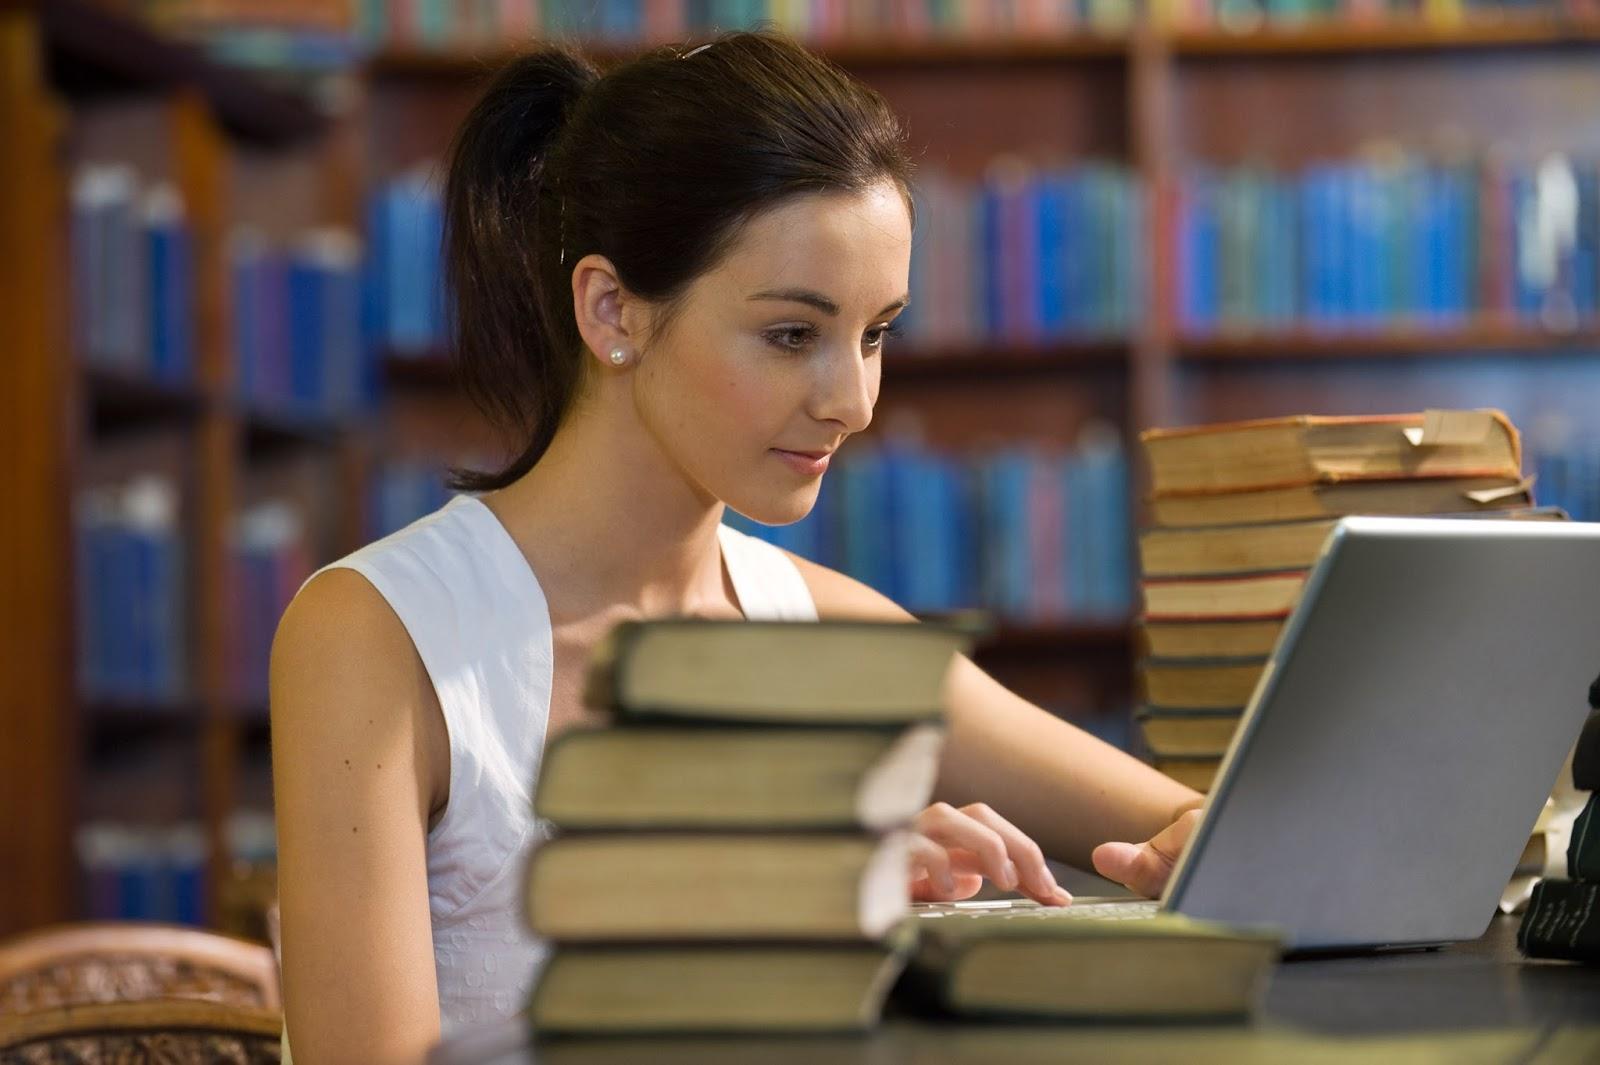 Những câu nói vui về chuyện học hành - Blog chị Tâm